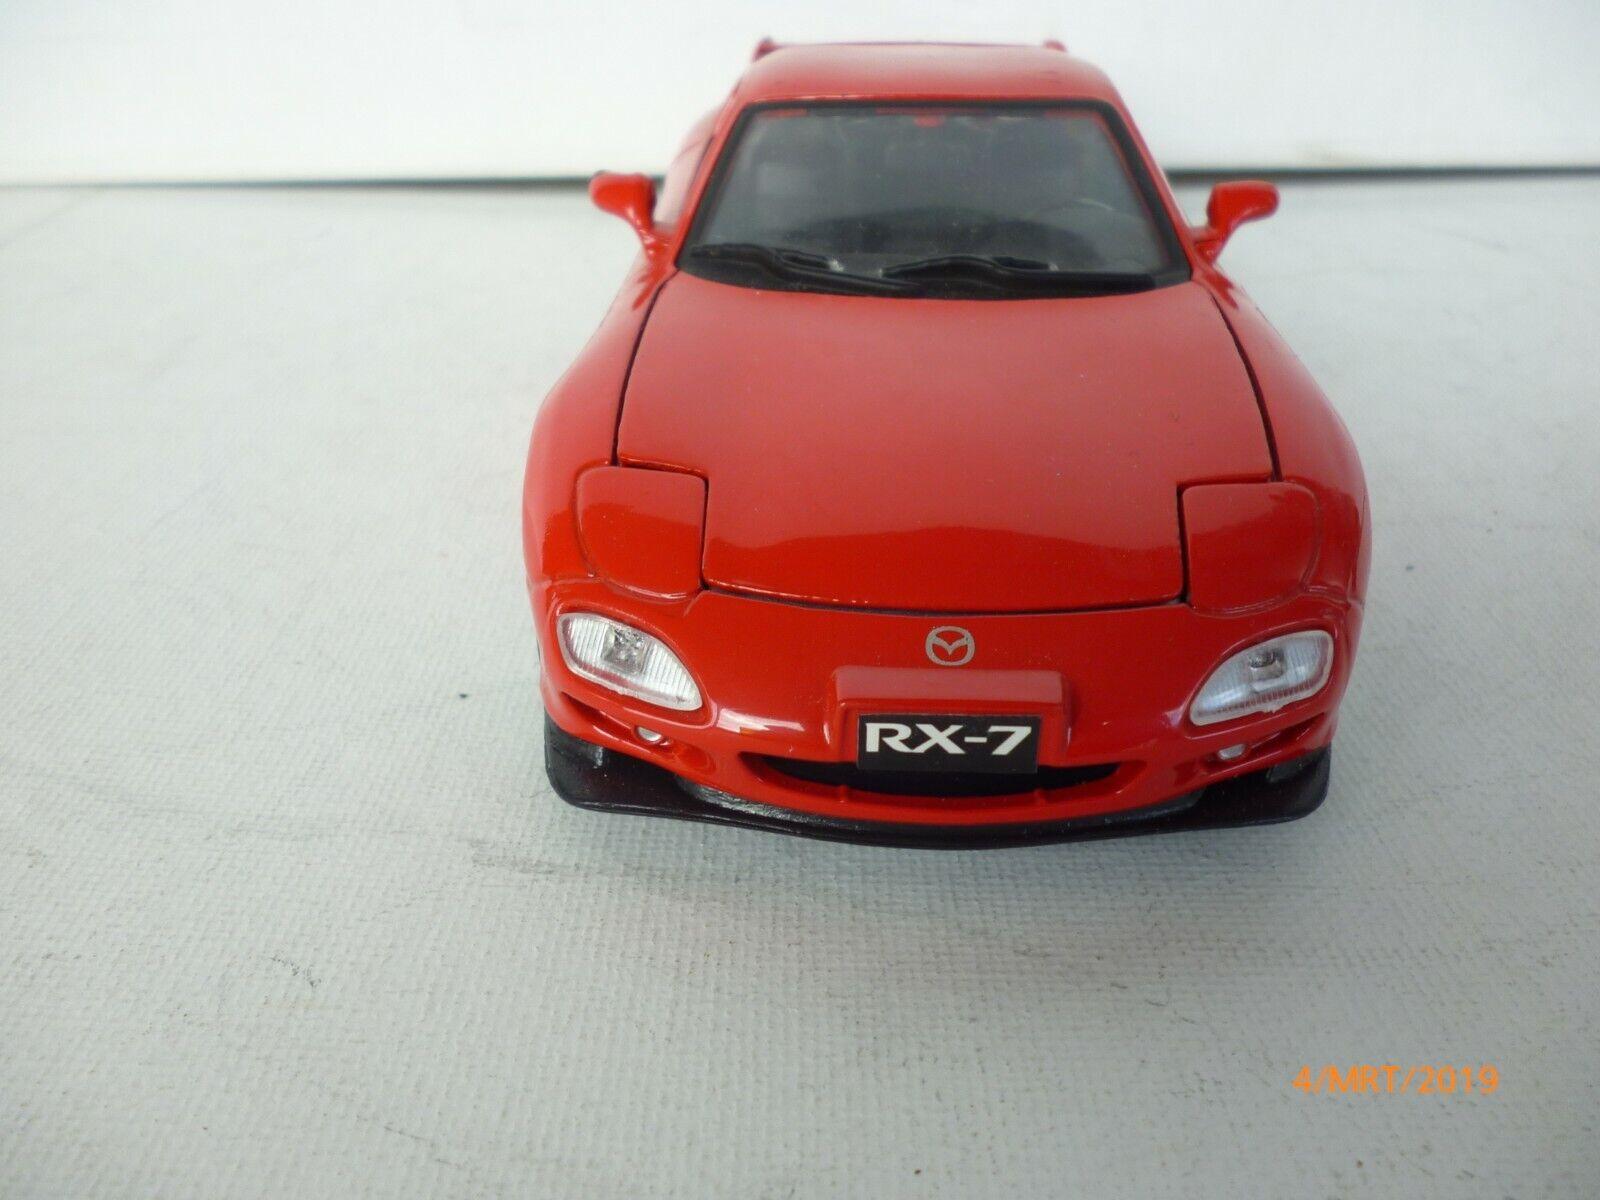 con 60% de descuento MOTOR MAX 73261 VINTAGE VINTAGE VINTAGE IN rojo  MAZDA RX-7 - rojo 1 24  VN MINT  venta con descuento